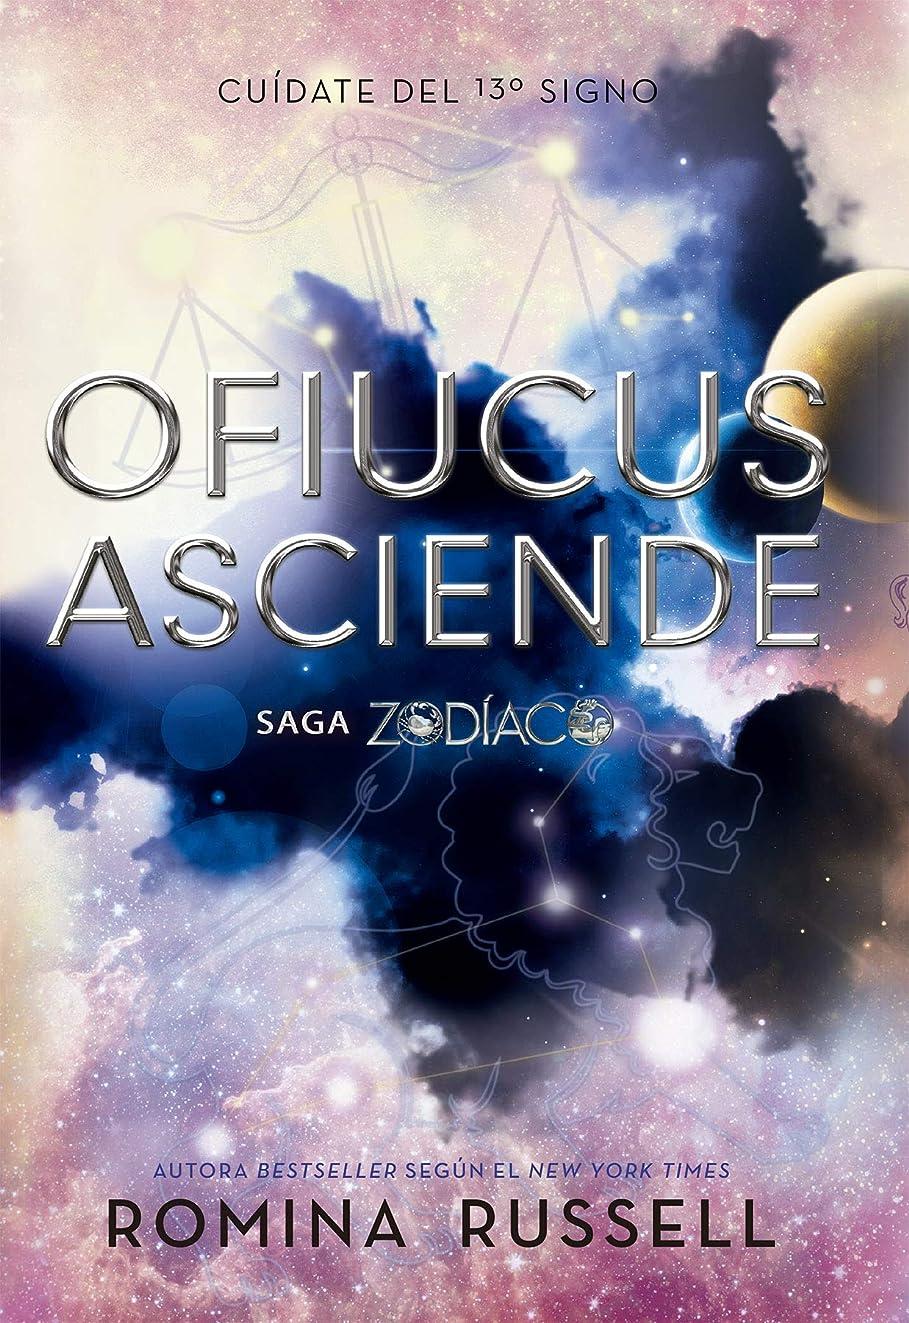 Ofiucus asciende (Spanish Edition)